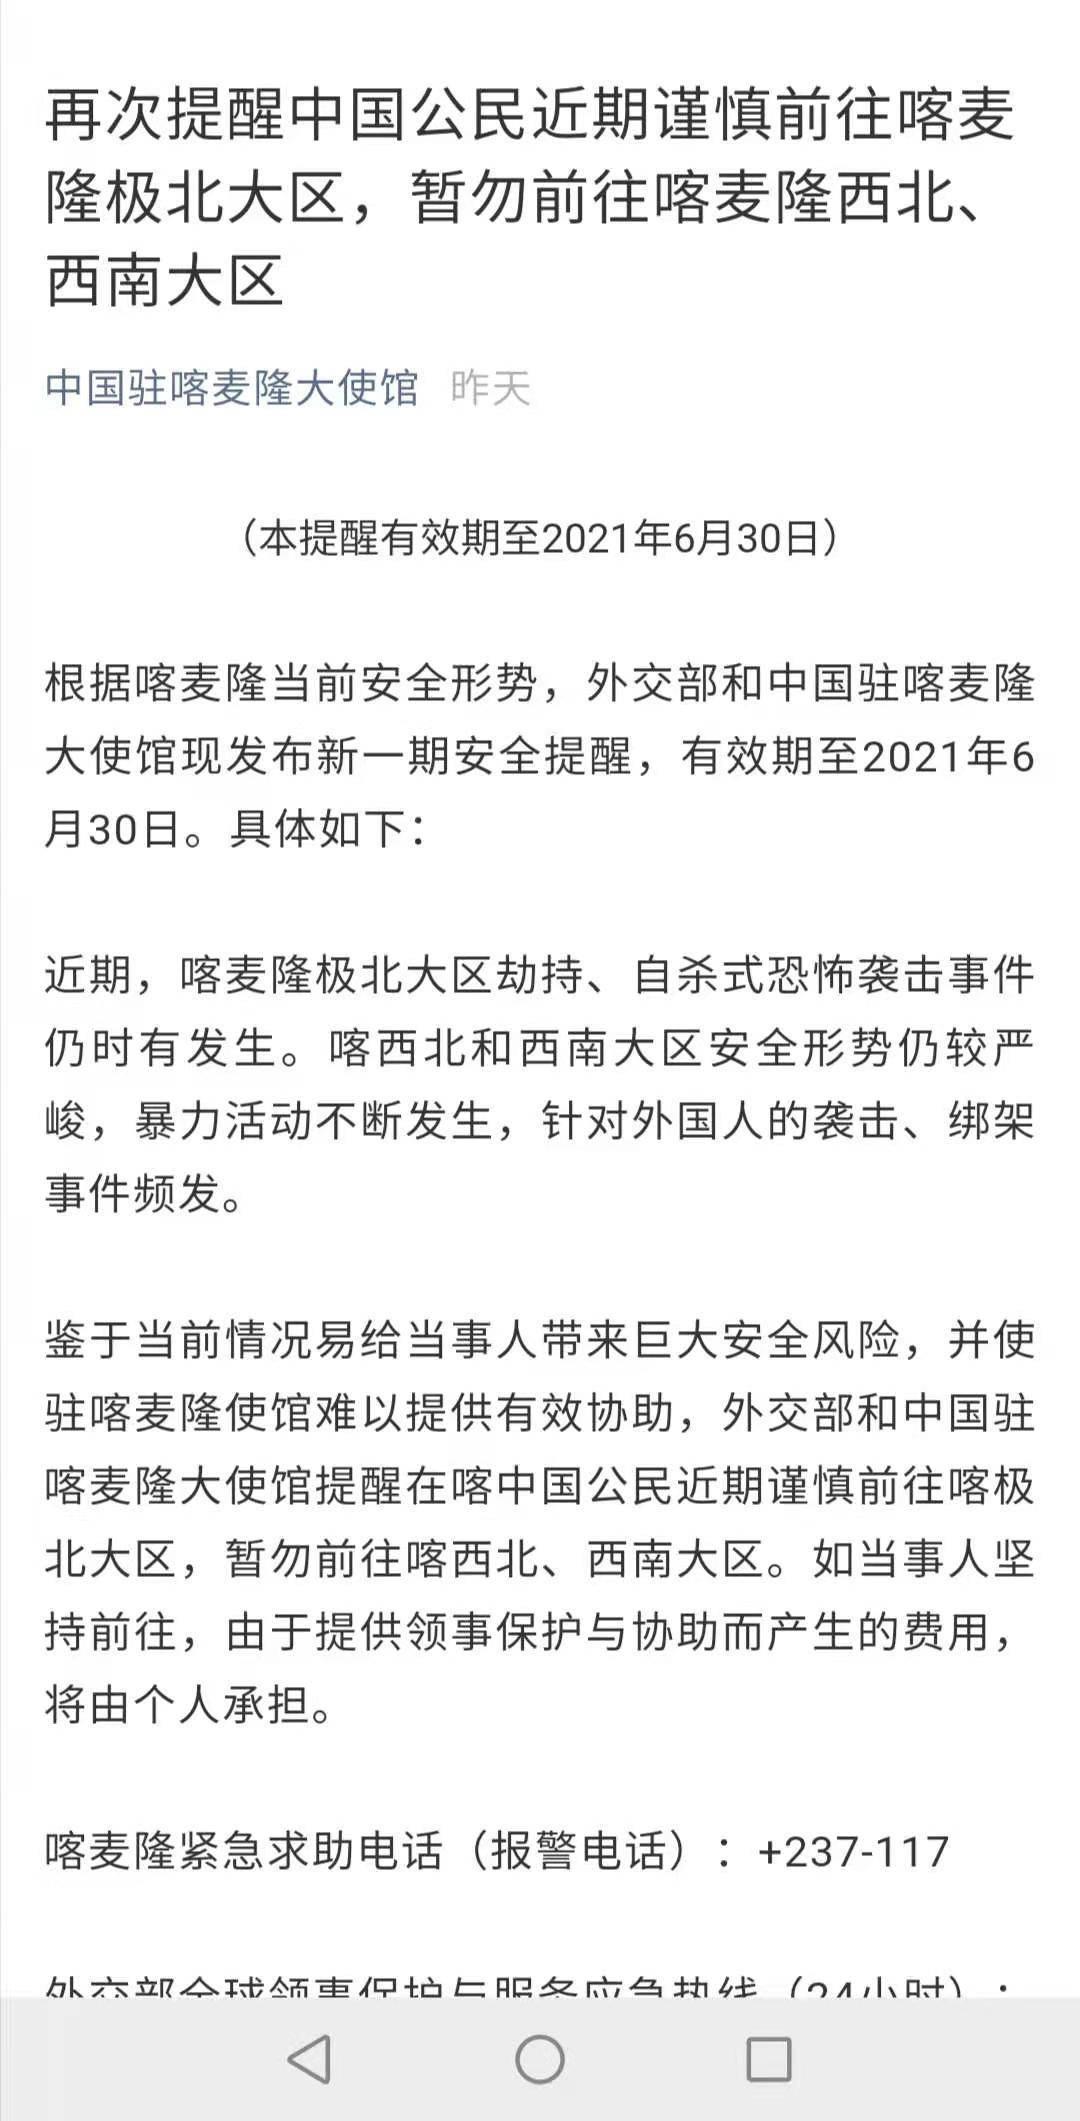 中国驻喀麦隆大使馆发出重要提醒,这些地区最近出行谨慎